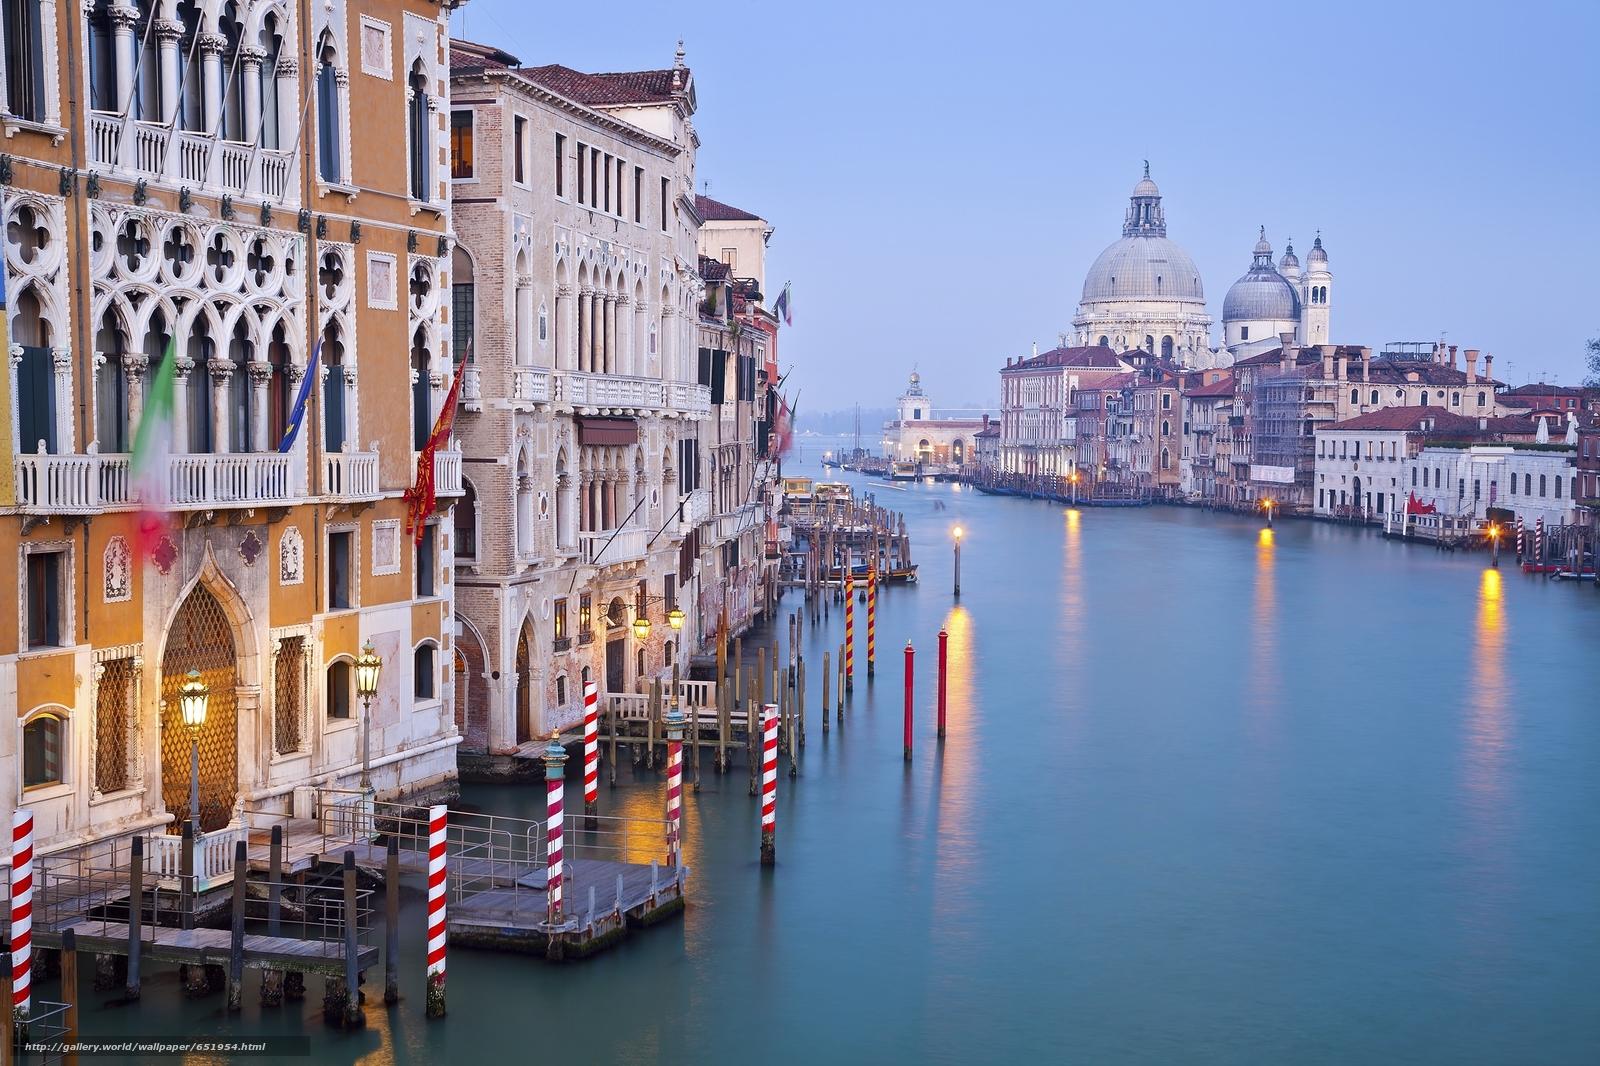 Скачать обои Grand Canal,  Venice,  венеция,  италия бесплатно для рабочего стола в разрешении 2048x1365 — картинка №651954